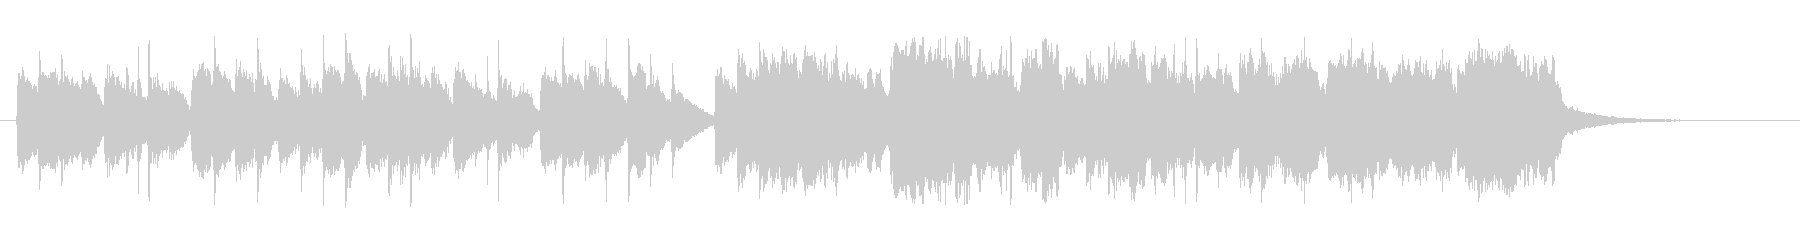 ヴァイオリンとチェンバロのメヌエットの未再生の波形